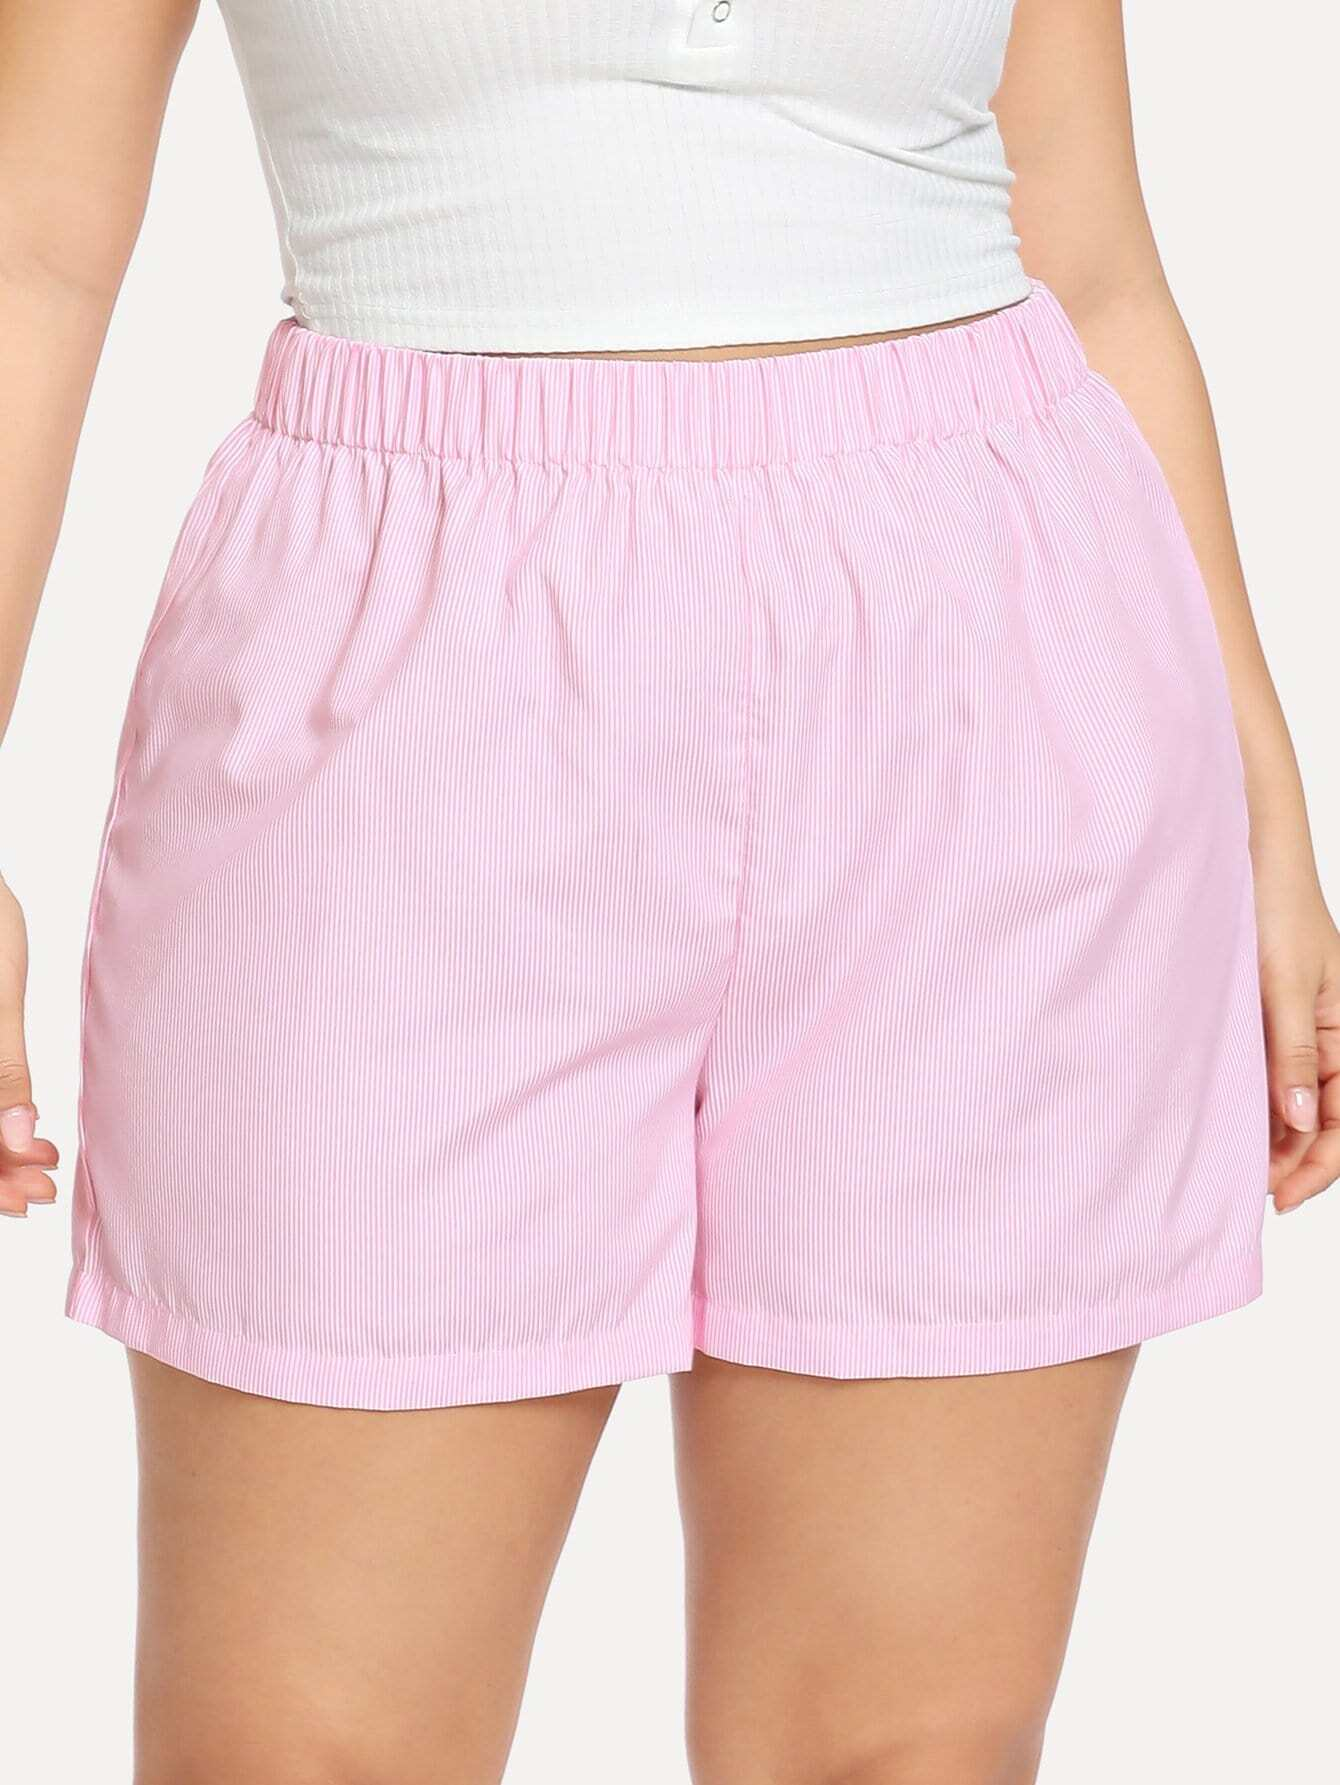 Купить Плюс размеры шорты в полоску с эластичной талией, Franziska, SheIn